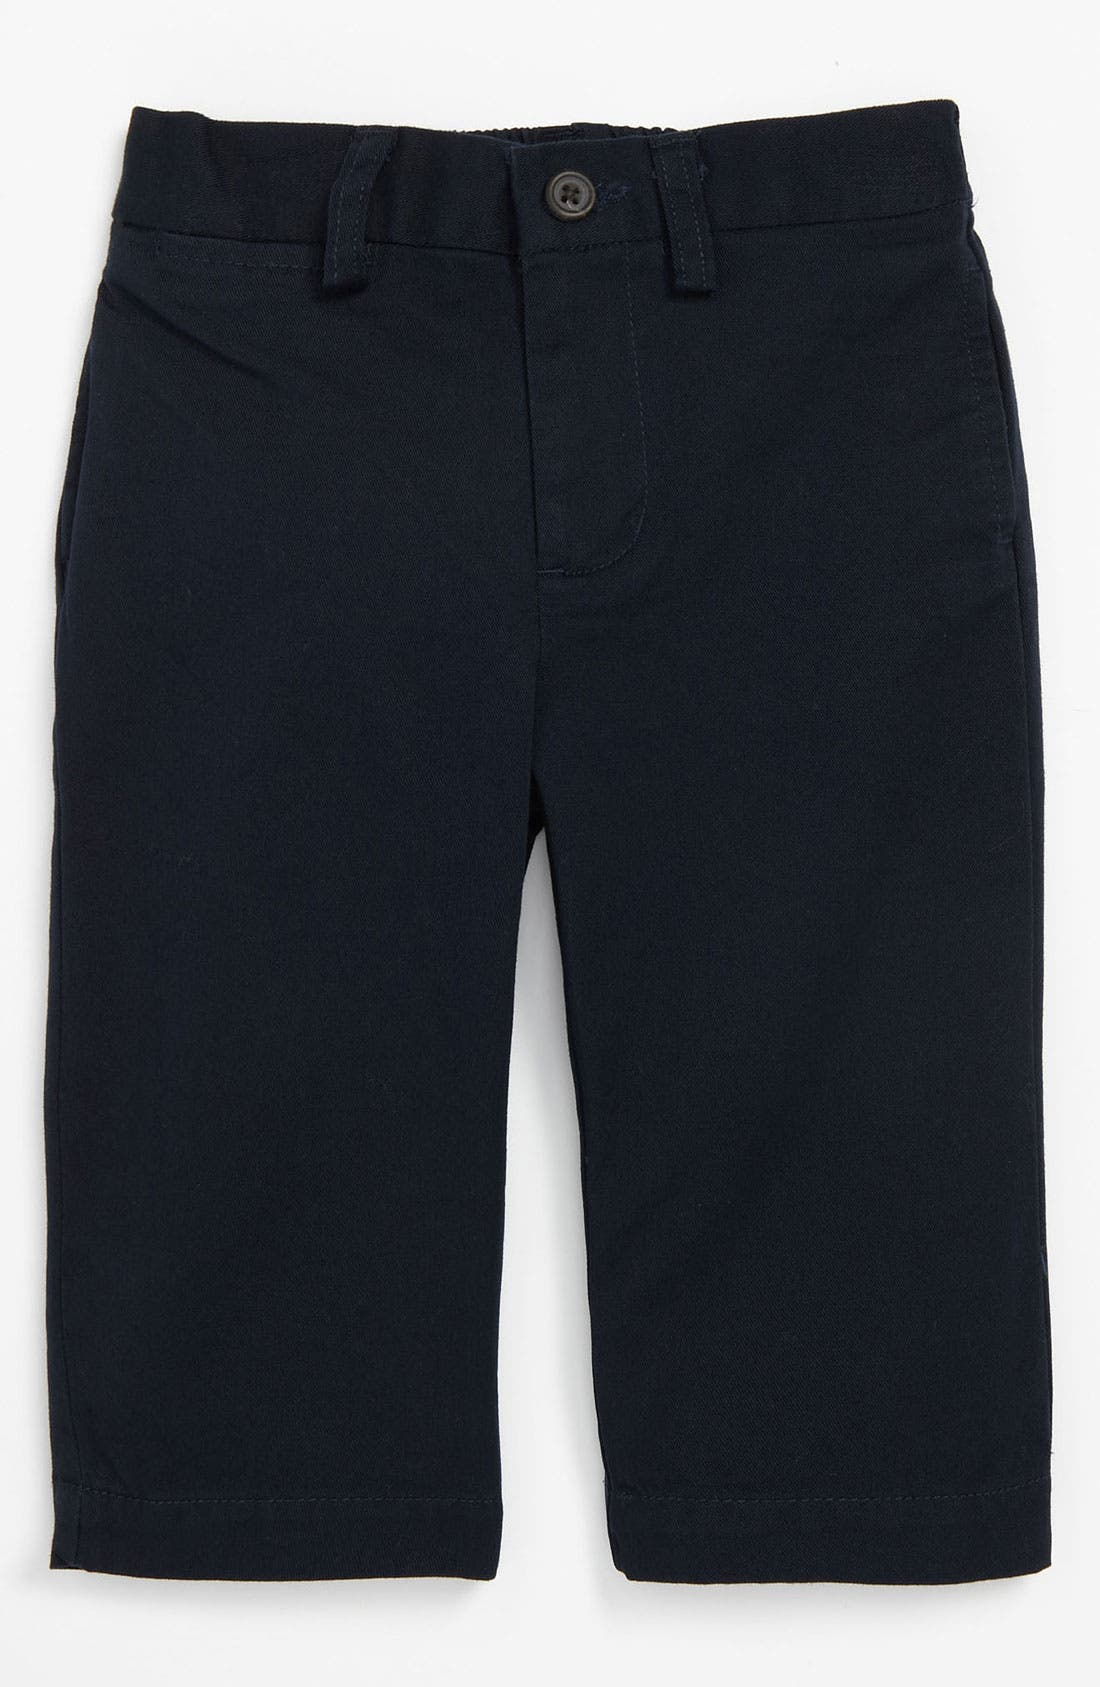 Main Image - Ralph Lauren Flat Front Pants (Baby)